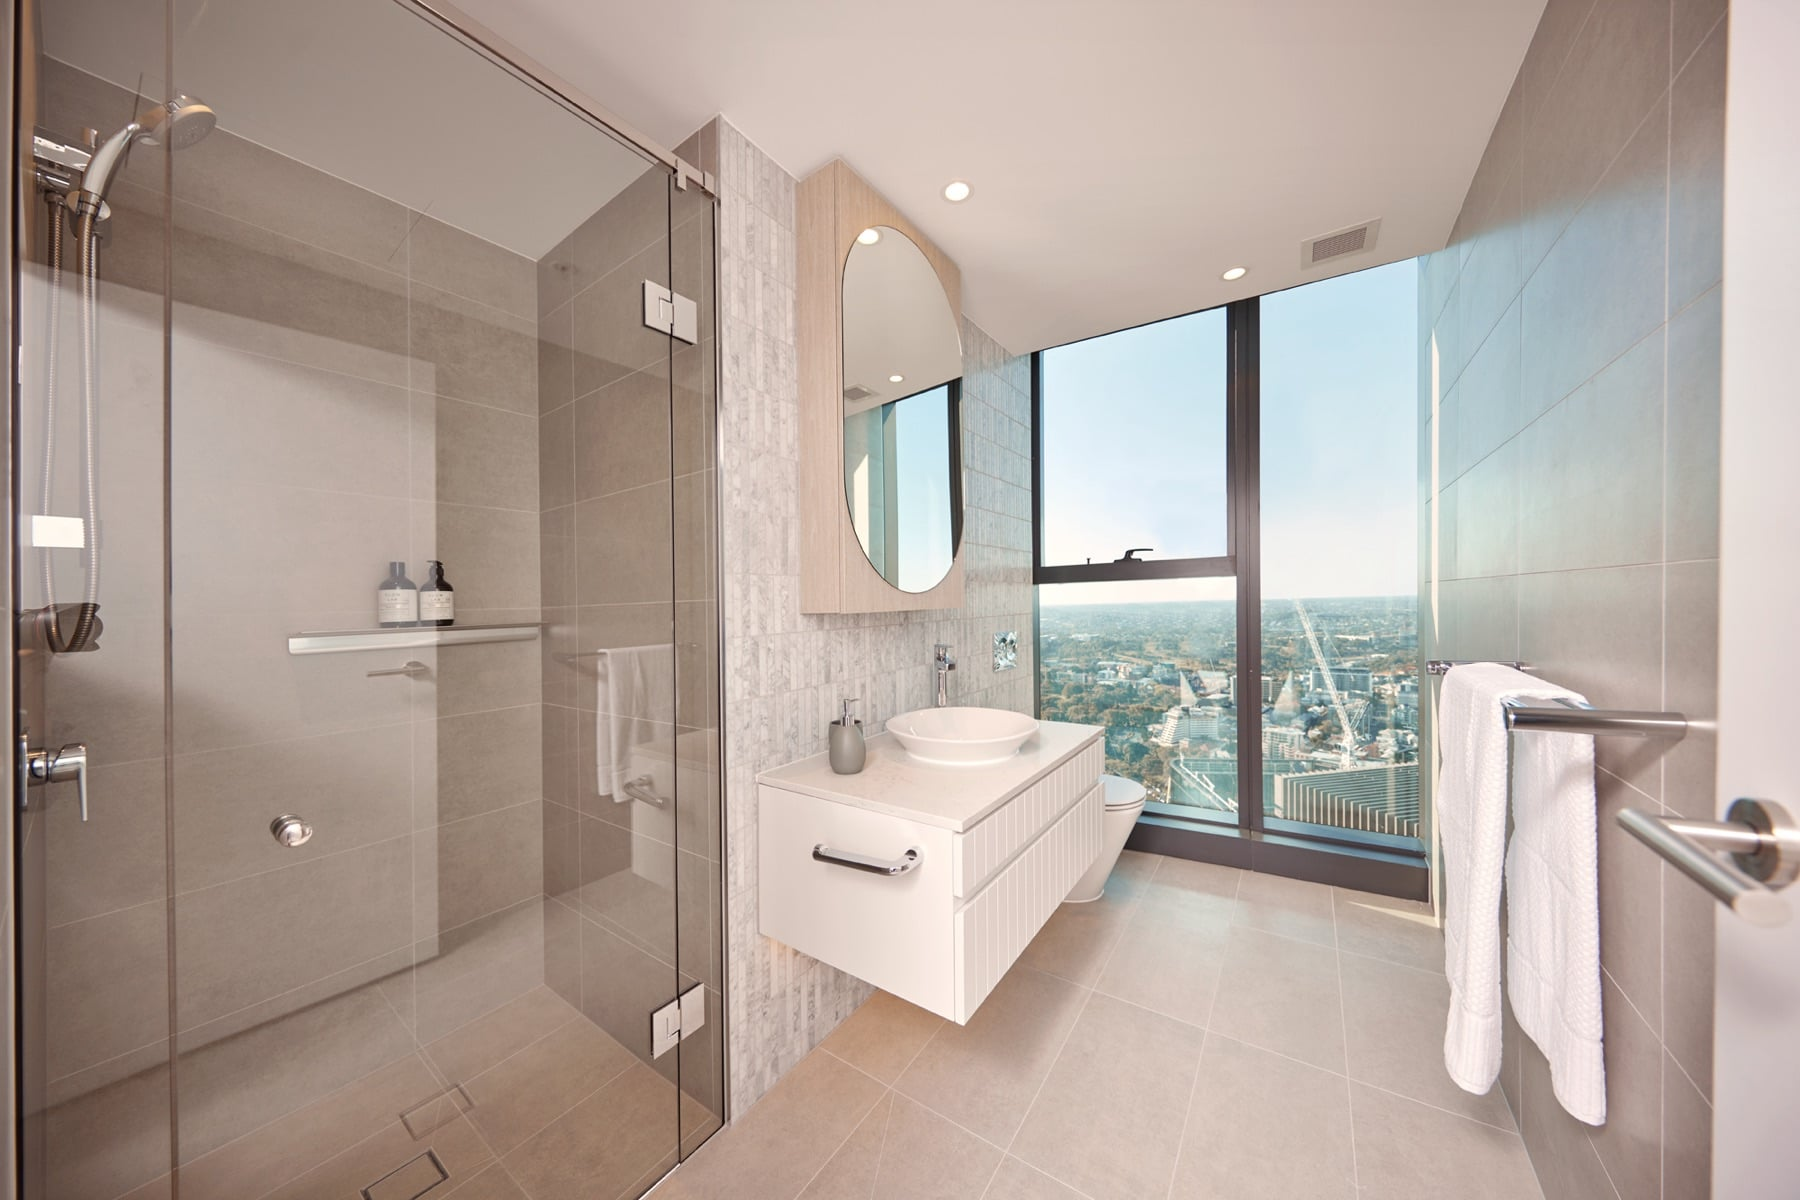 3 Bedroom Bathroom